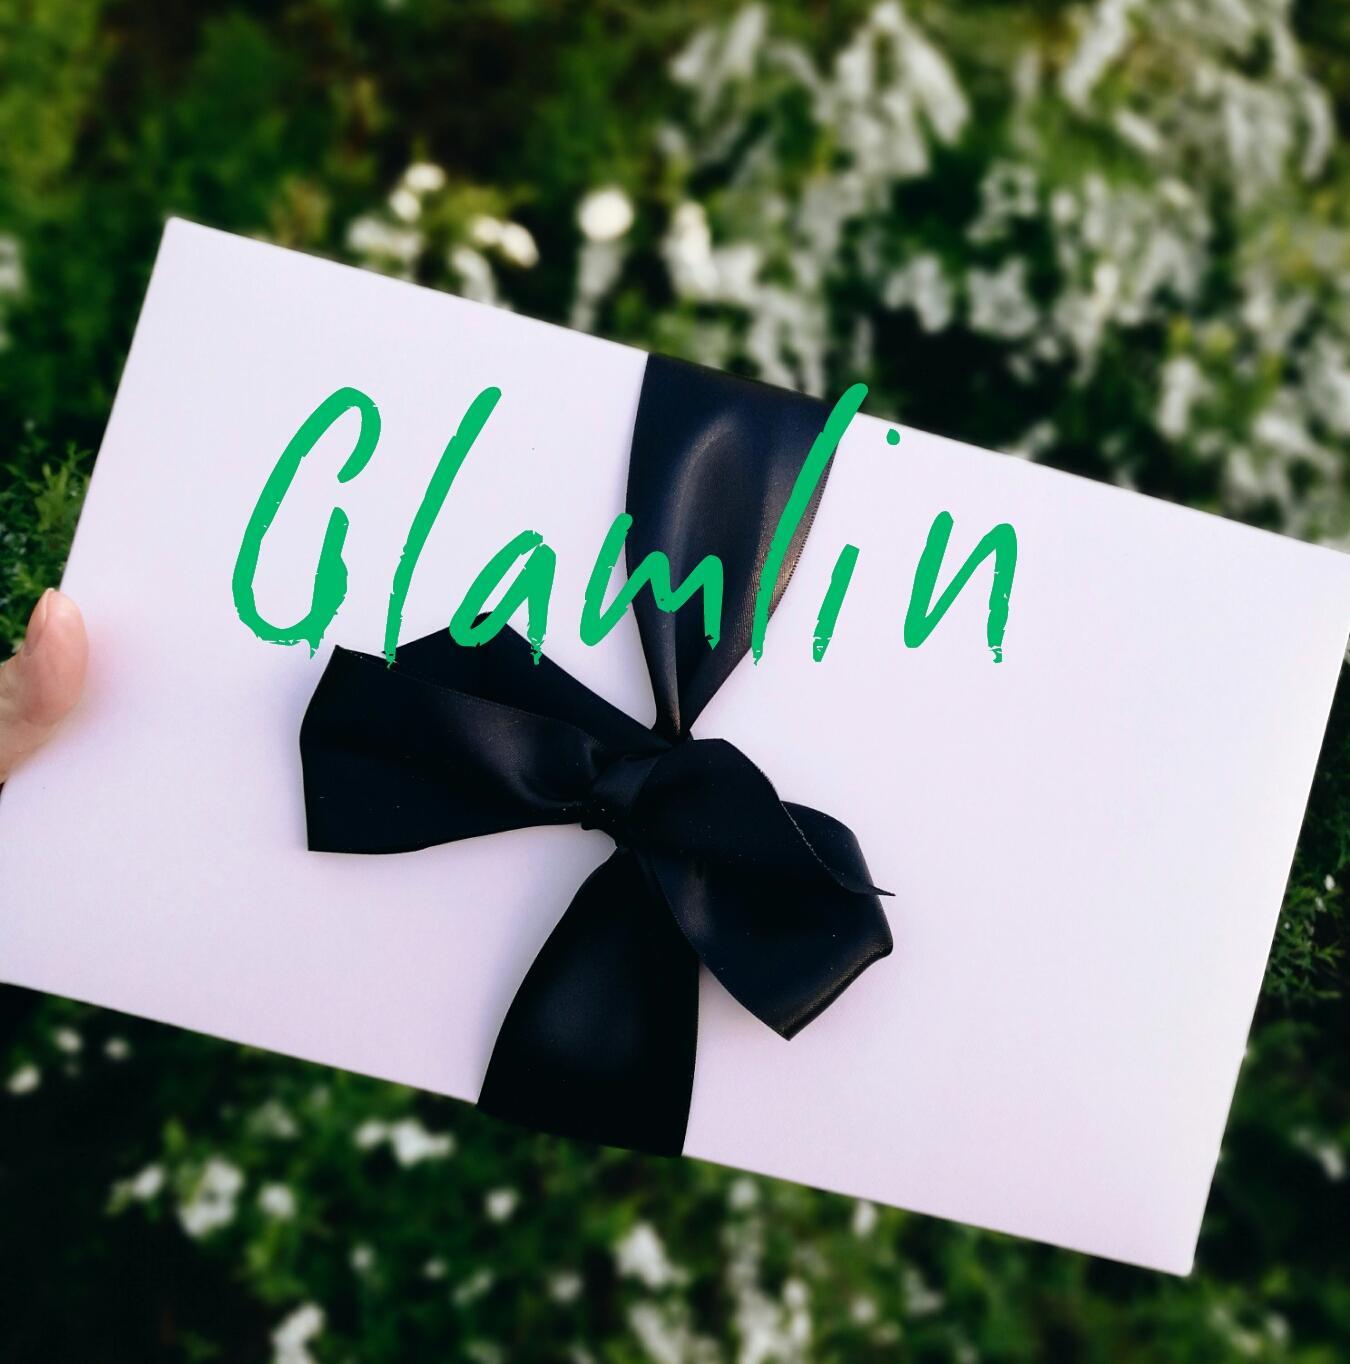 Glamlin henkilökohtainen kauneuskonsultti verkossa